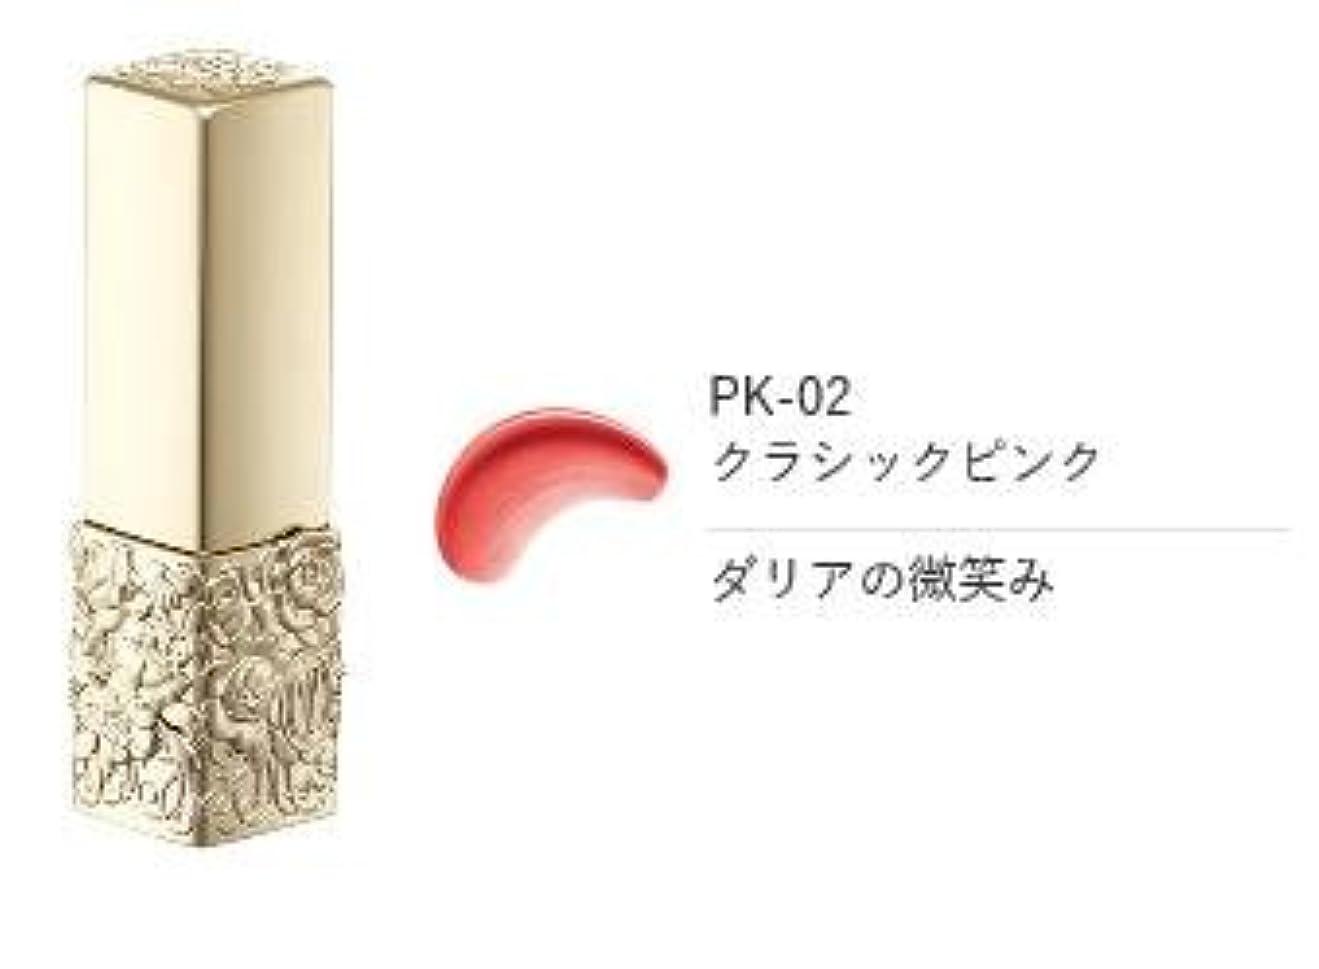 病弱ペダル見込みトワニー ララブーケルージュグロッシー PK-02